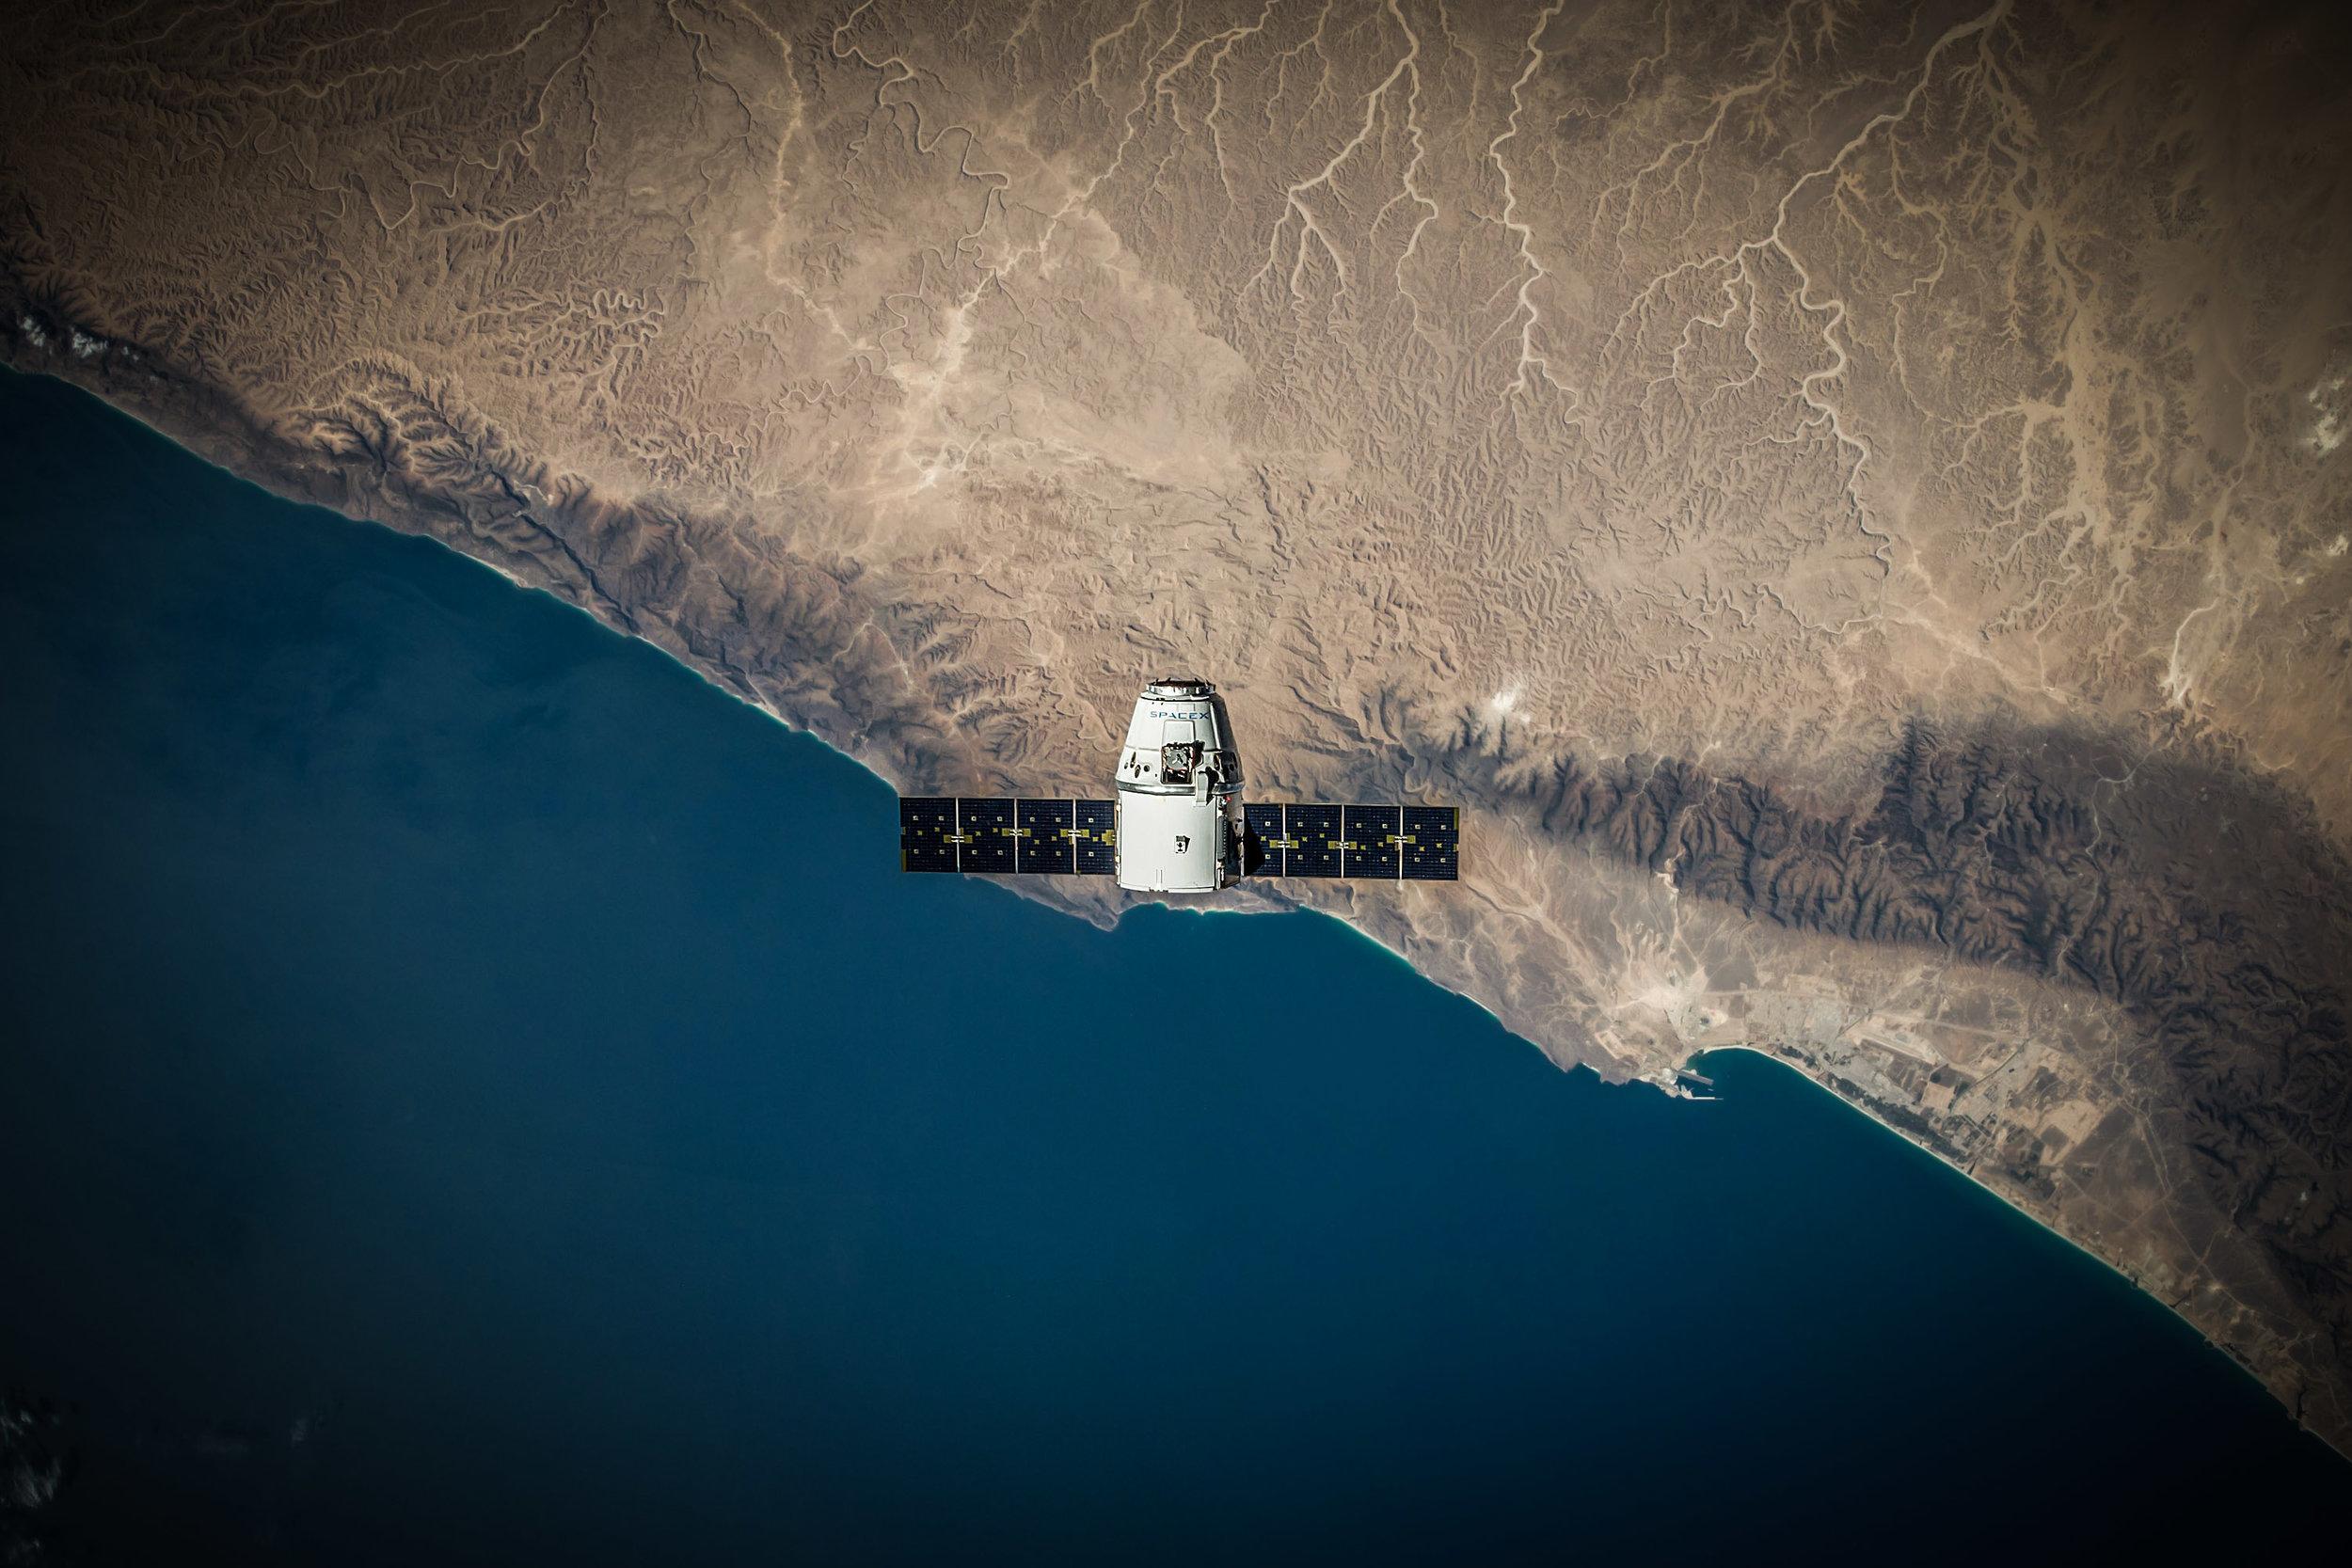 space_satallite.jpeg